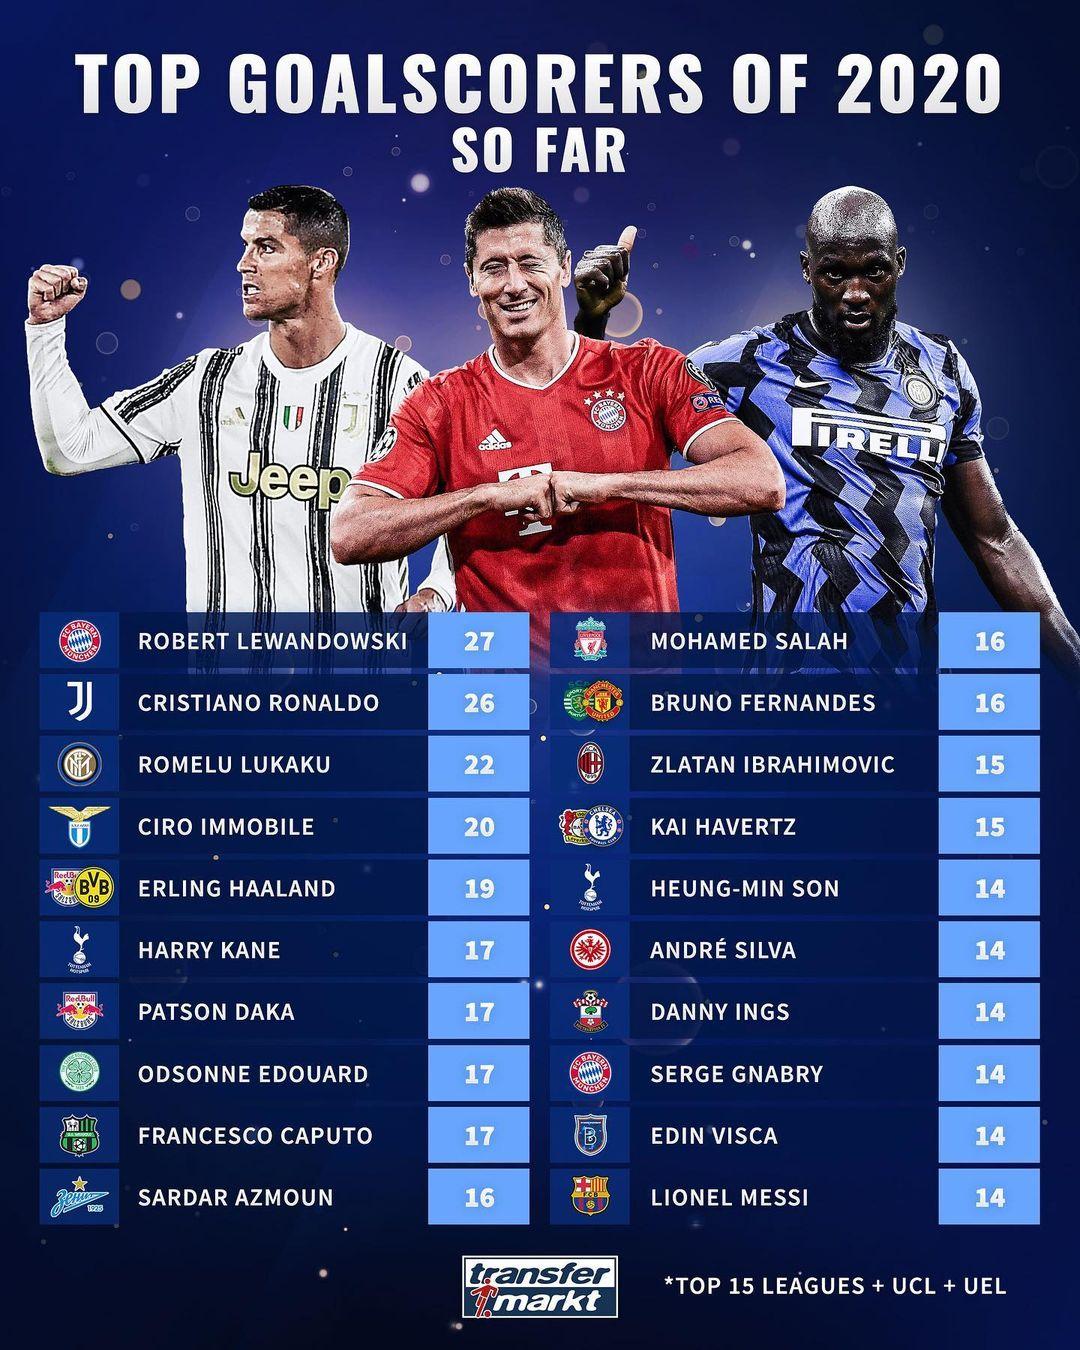 جدول بهترین گلزنان فوتبال اروپا 2020 | سردار آزمون بالاتر از لیونل مسی